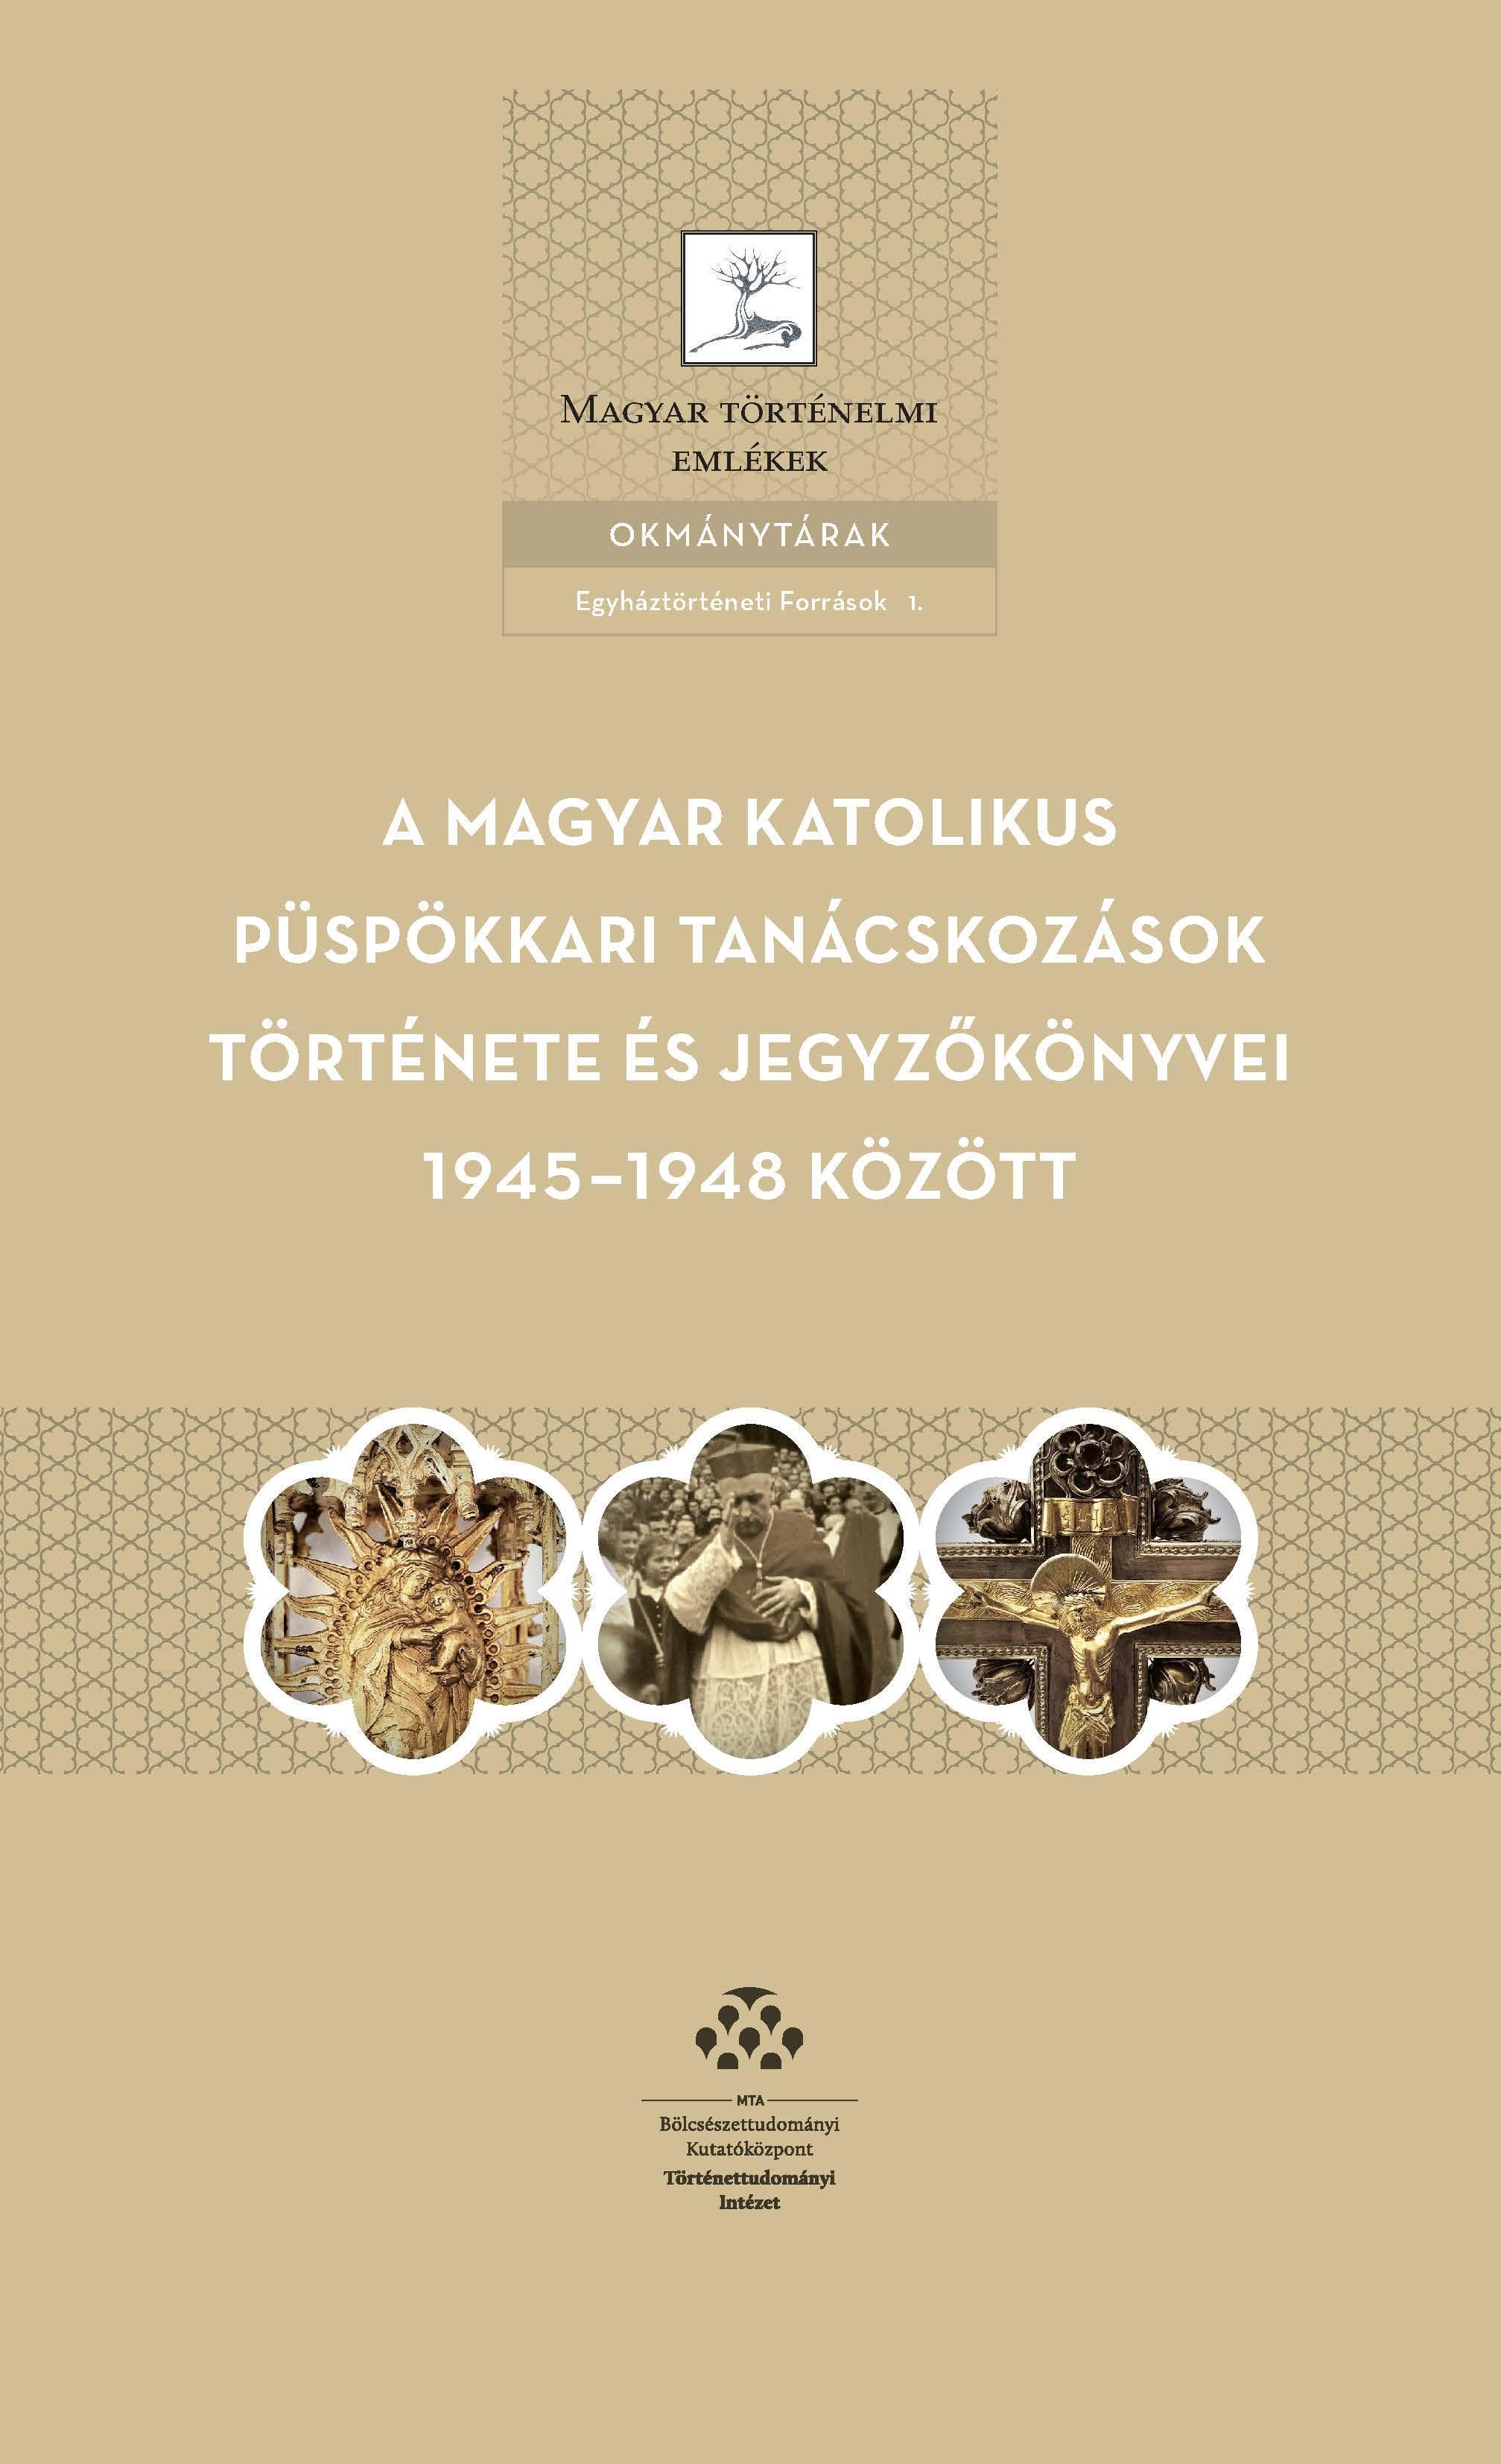 A MAGYAR KATOLIKUS PÜSPÖKKARI TANÁCSKOZÁSOK TÖRTÉNETE ÉS JEGYZÕKÖNYVEI 1945-1948